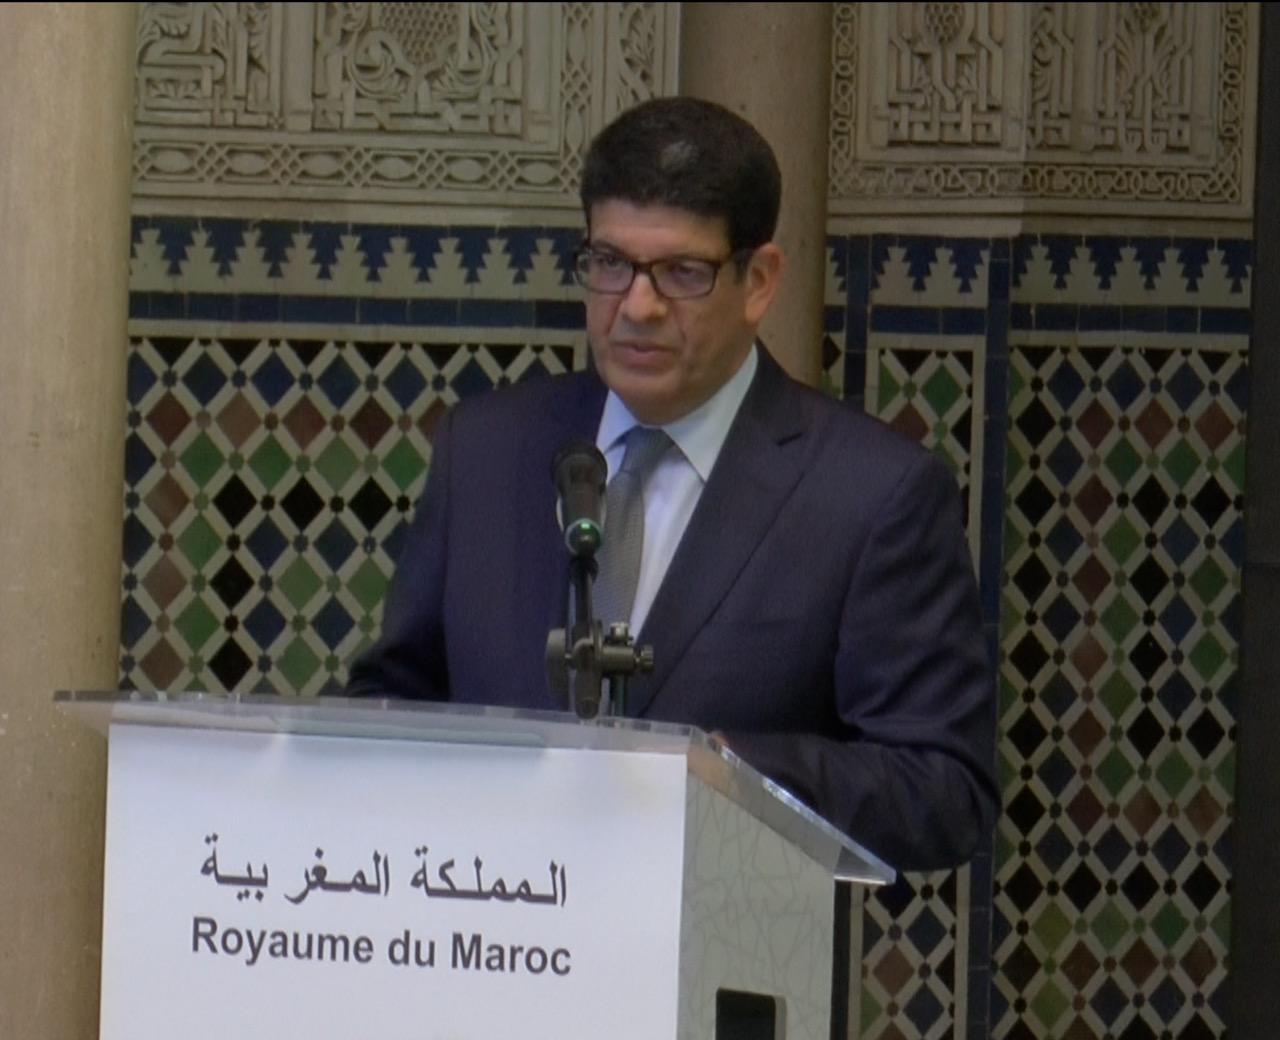 جهة الدار البيضاء سطات.. التأكيد على ضرورة بلورة اقتراحات للدفع بعجلة الاقتصاد